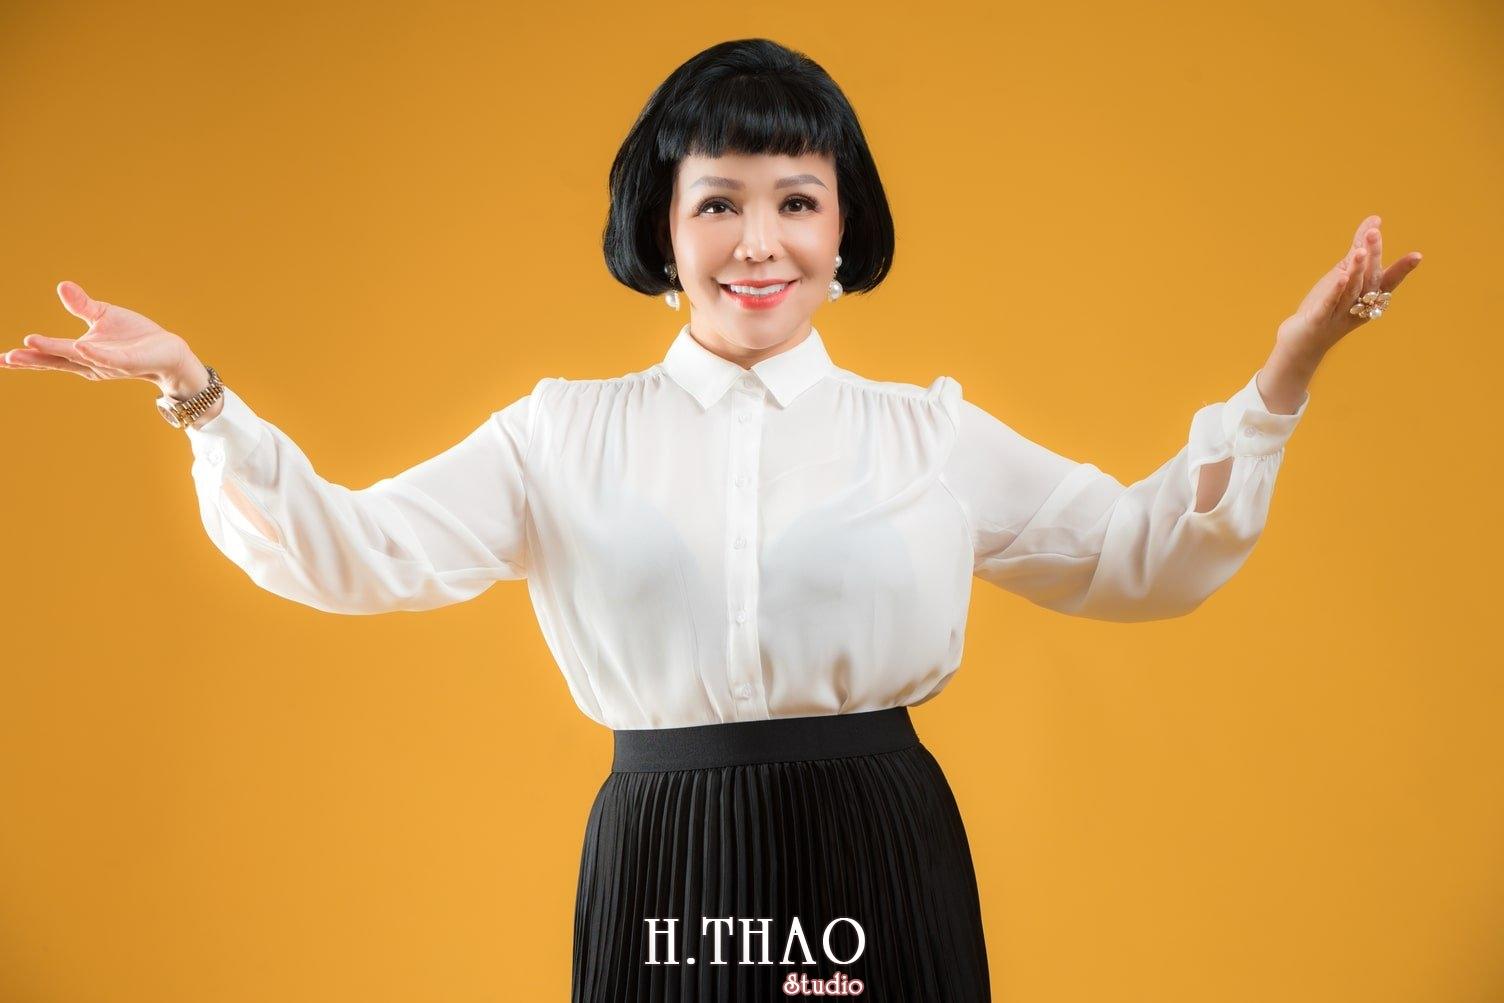 Doanh nhan dao tao 23 - Album nữ doanh nhân ngành đào tạo giải pháp Hoàng Dung